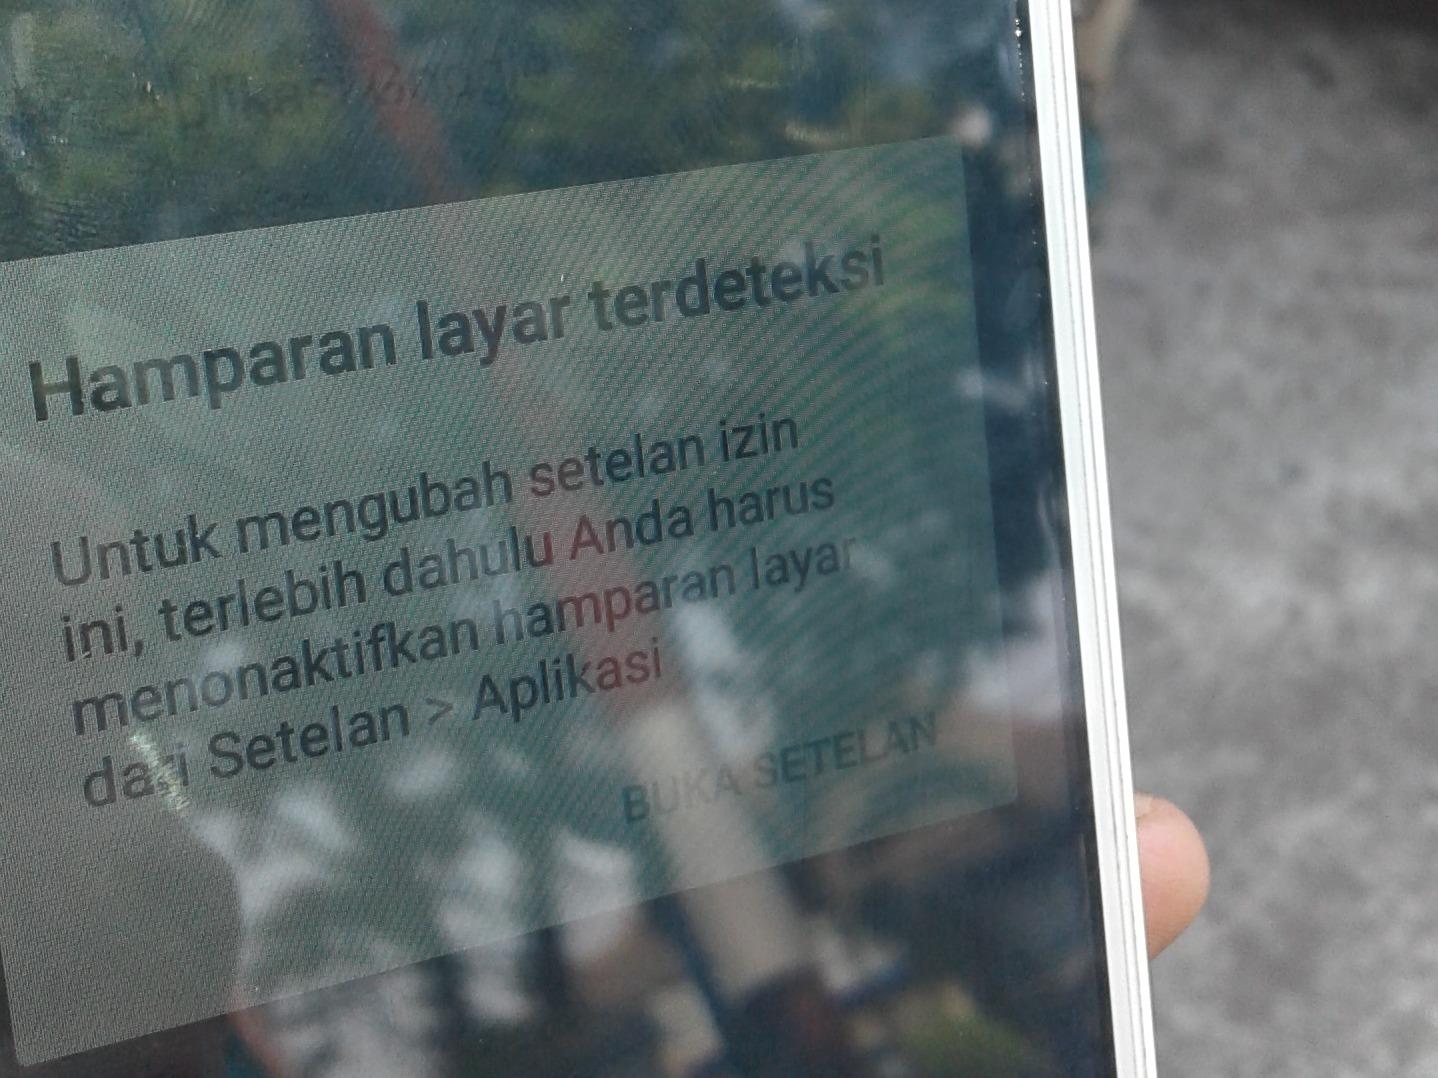 Solusi Mengatasi Hamparan Layar Terdeteksi pada Android